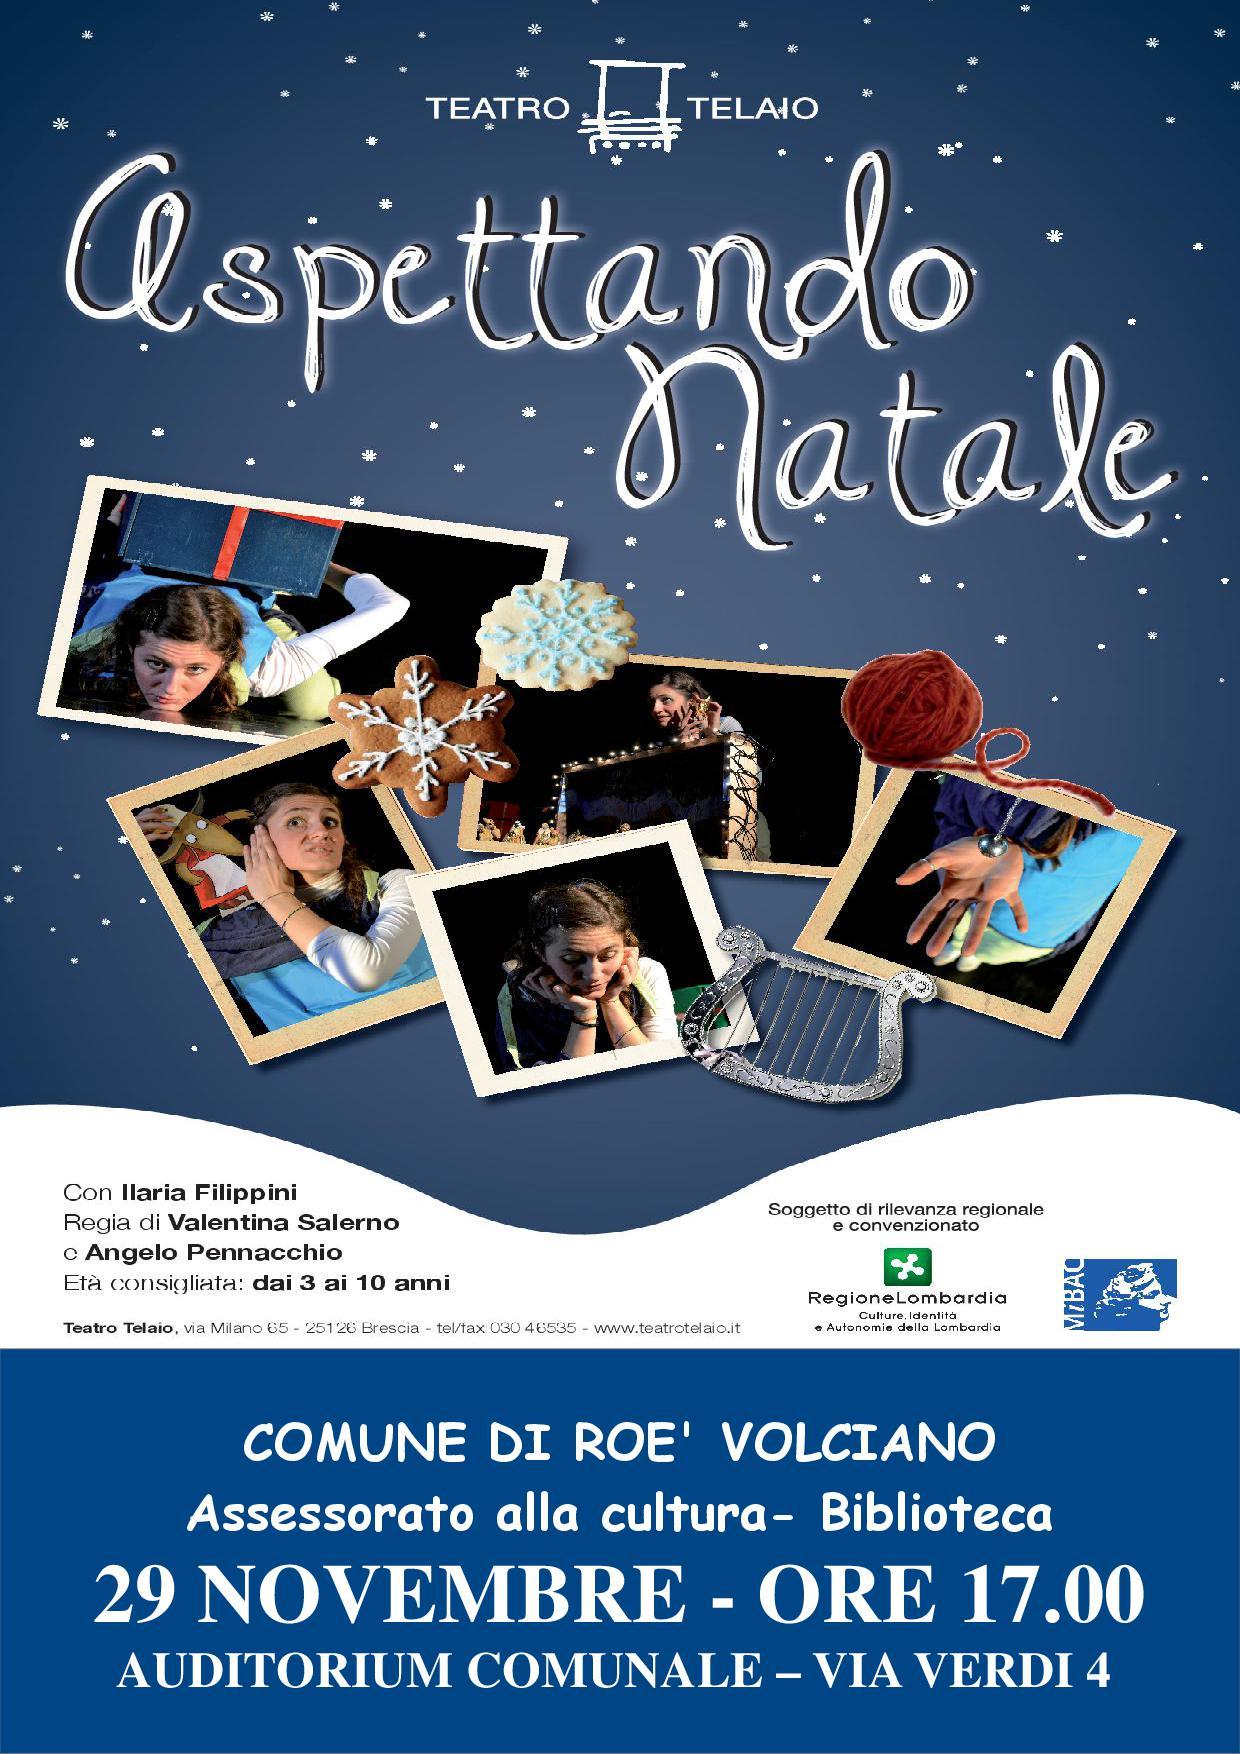 Super Aspettando Natale spettacolo teatrale per bambini dai 3 ai 10 anni  ZO34